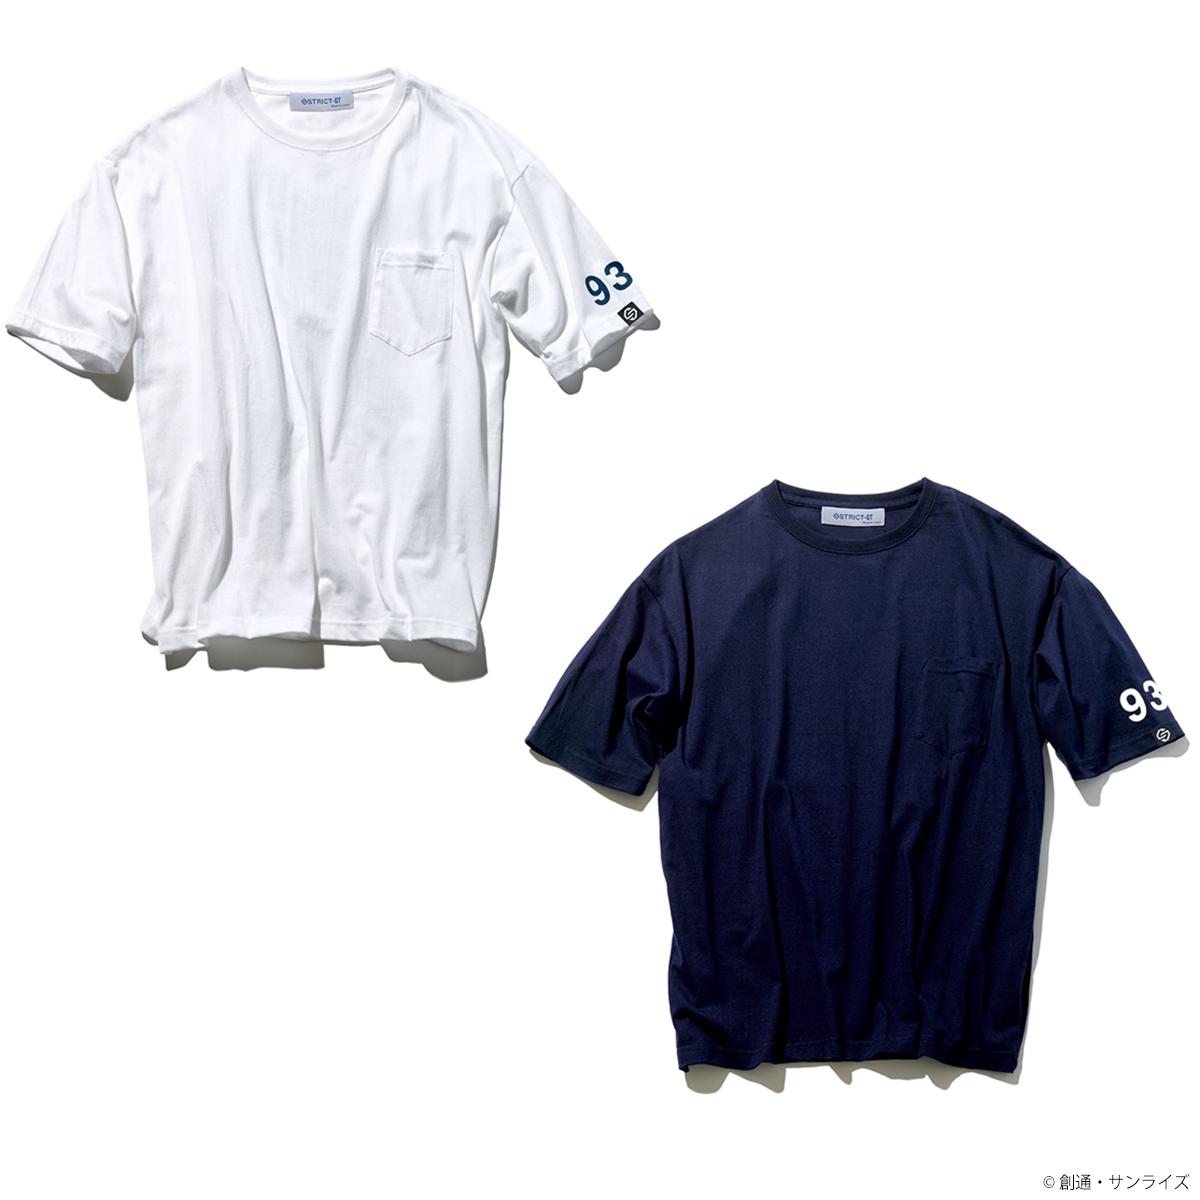 STRICT-G『機動戦士ガンダム 逆襲のシャア』ポケット付きビッグ Tシャツ νガンダム